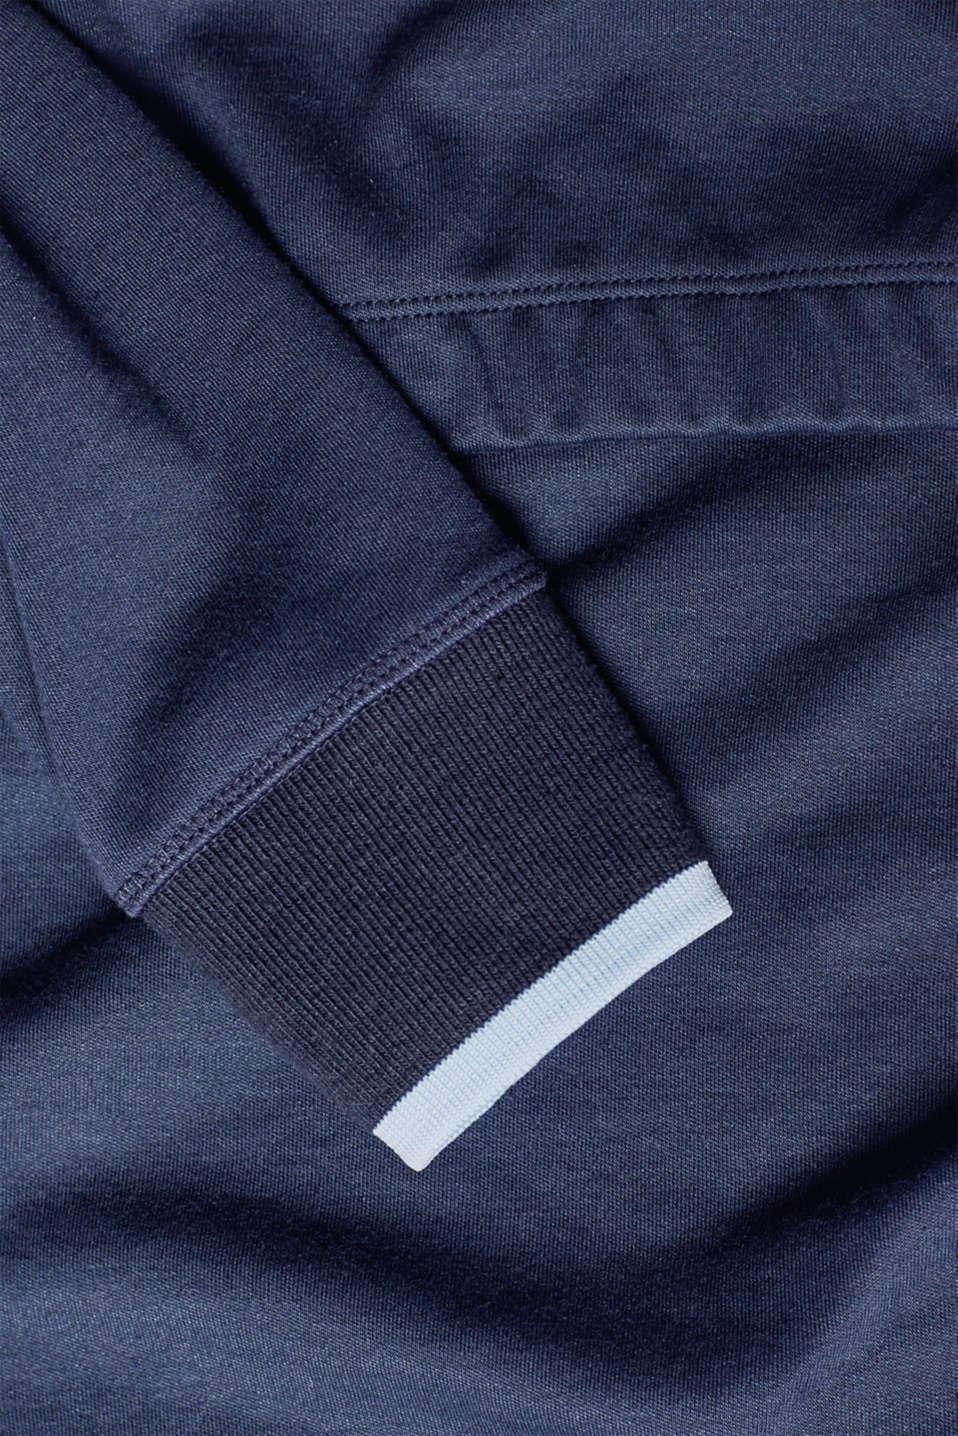 Nursing sweatshirt dress, LCNIGHT BLUE, detail image number 3